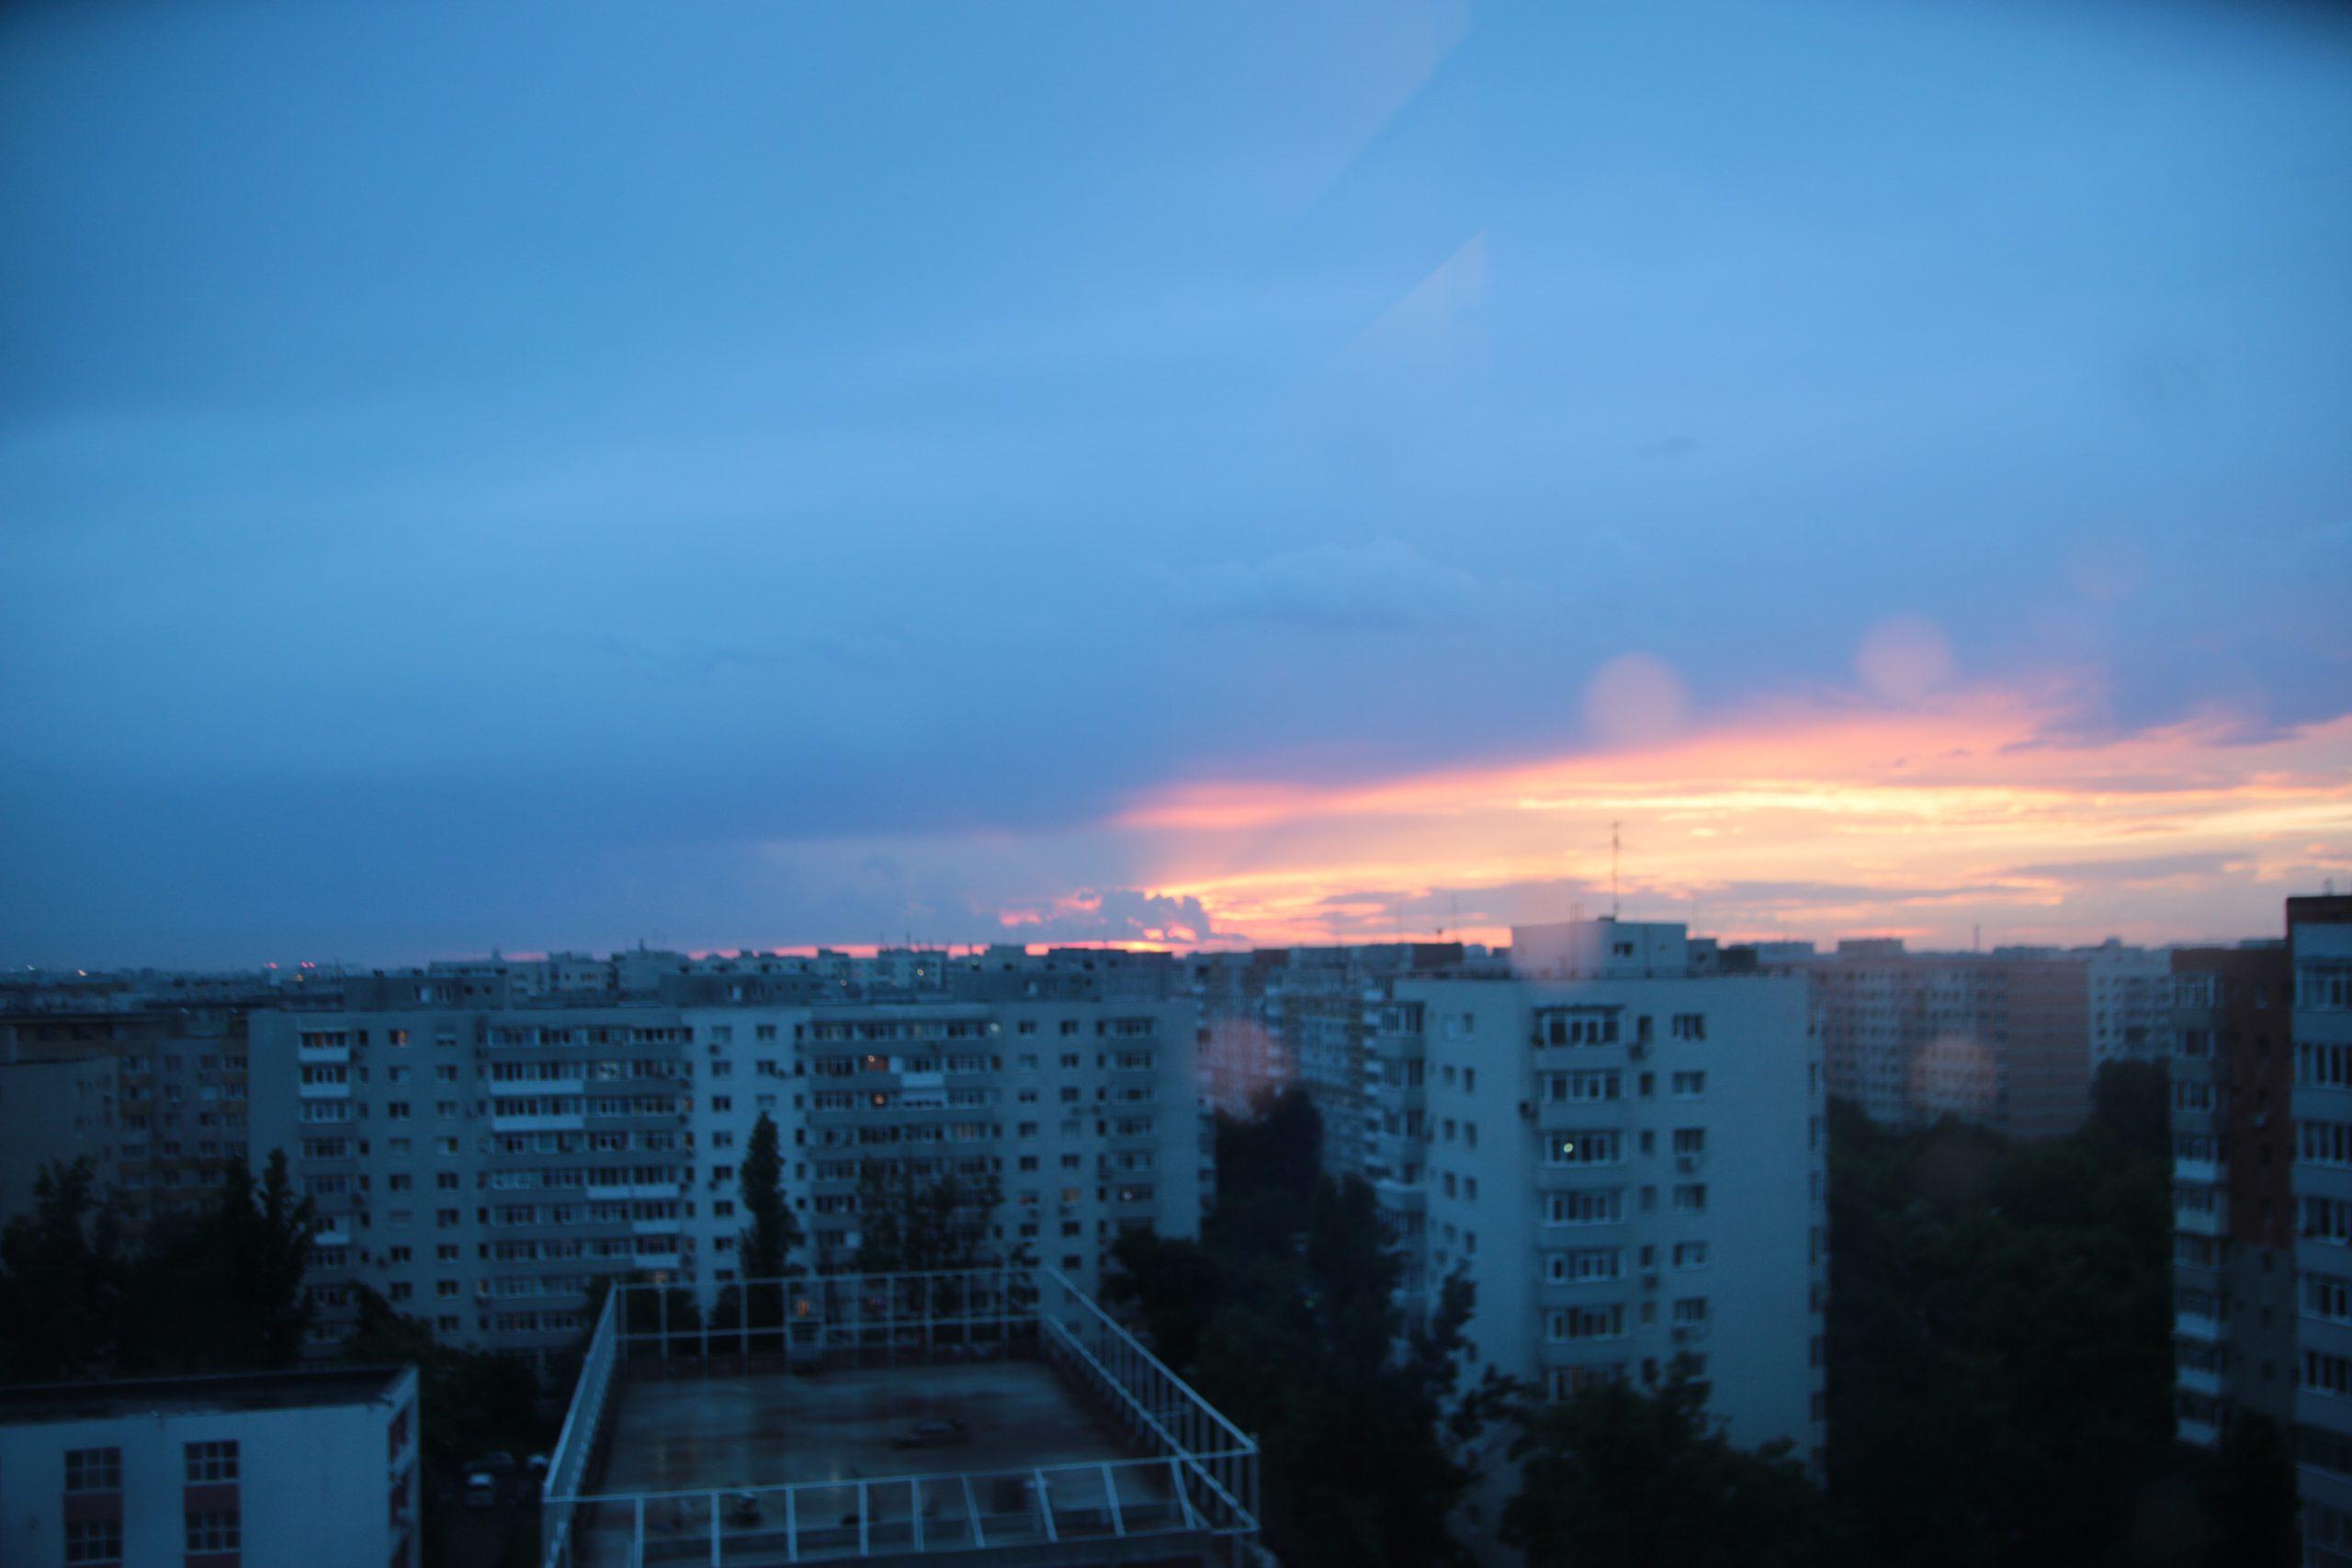 Prognoza meteo pentru București. Cum va fi vremea de astăzi până în weekend în Capitală